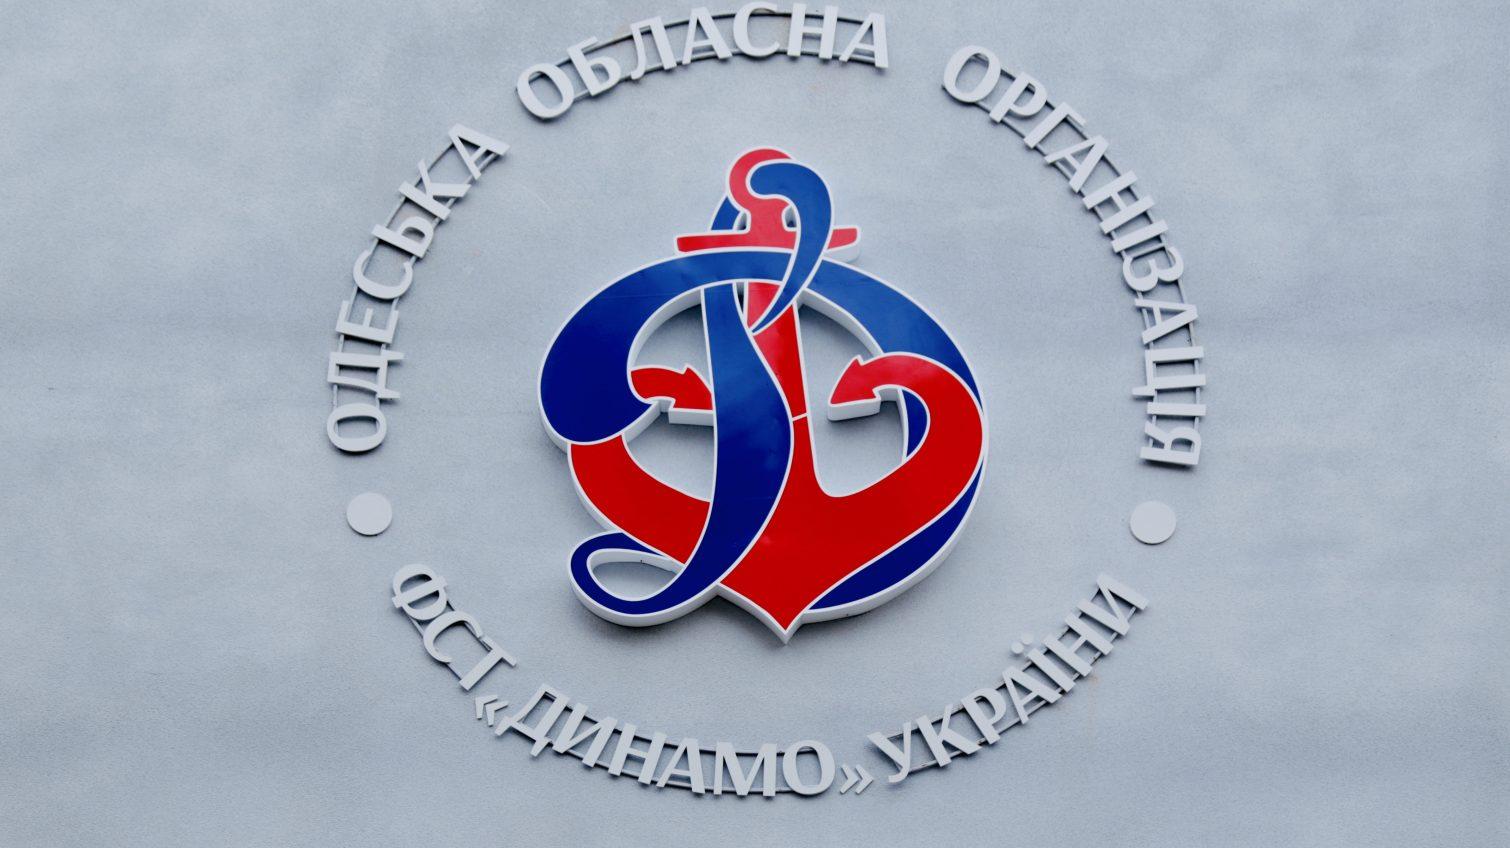 После капитального ремонта в Одессе открыли спорткомплекс олимпийской подготовки «Динамо» (фото) «фото»